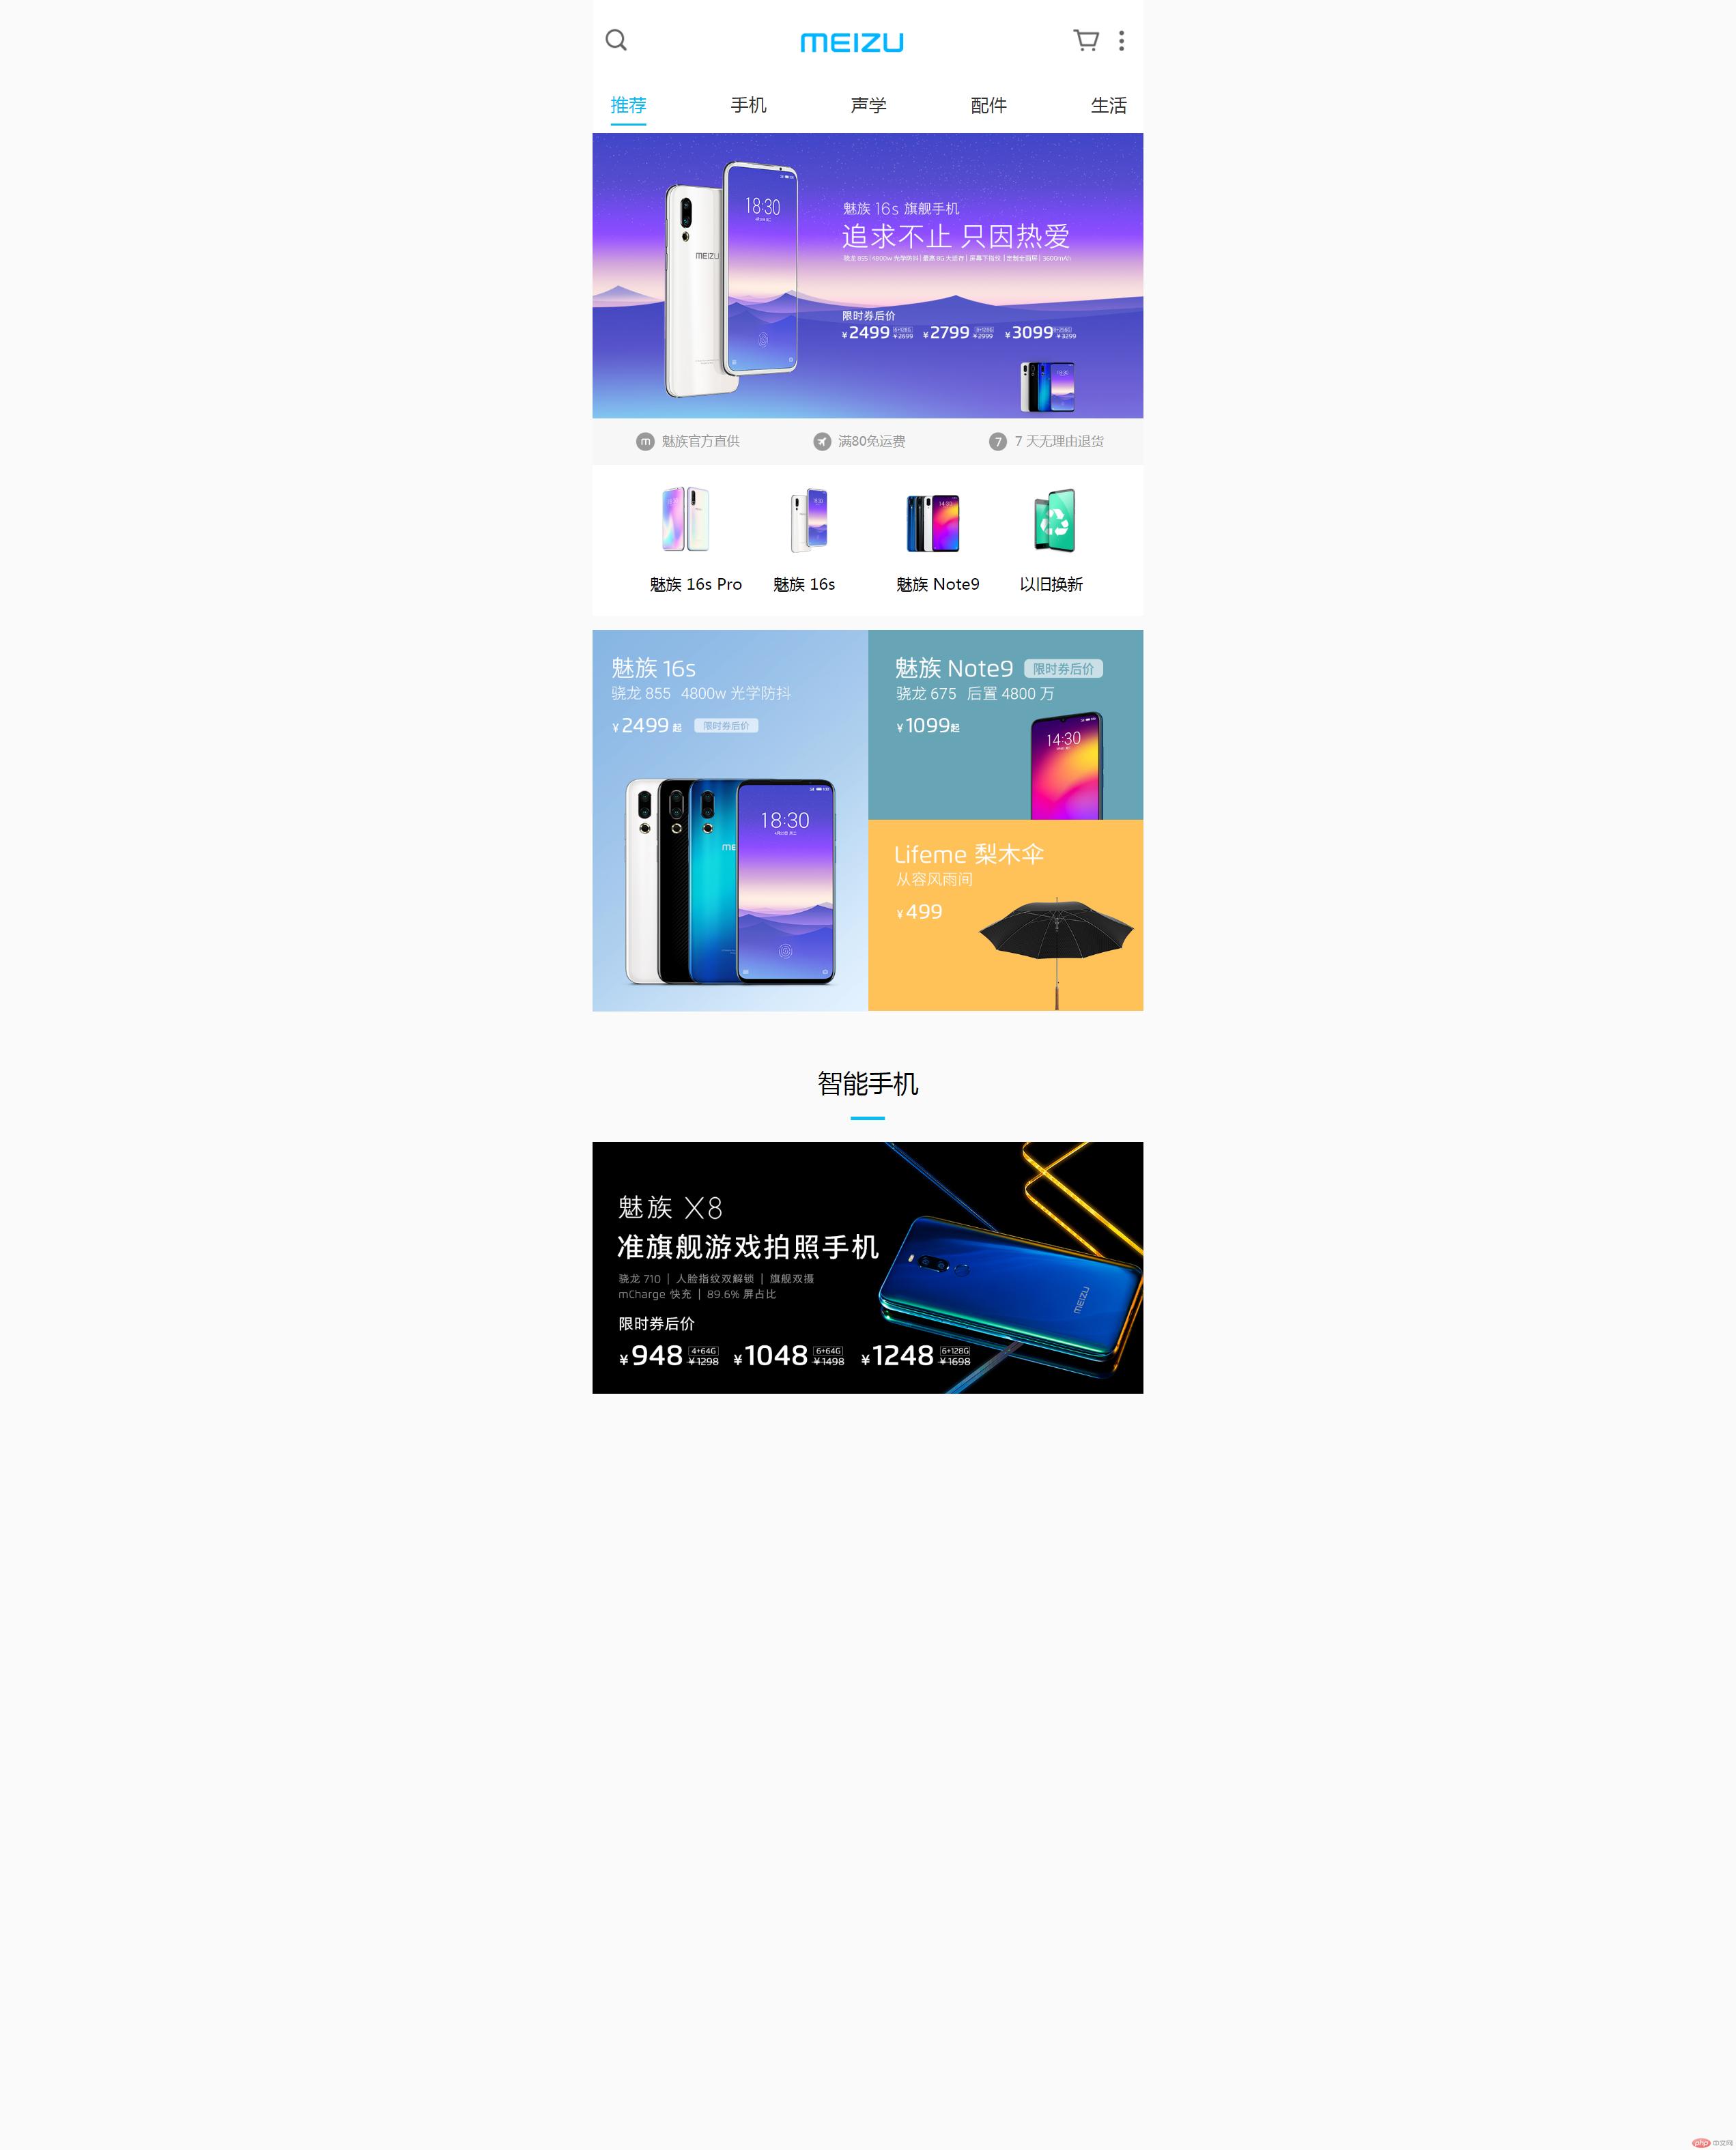 仿魅族Meizu手机端页面.png